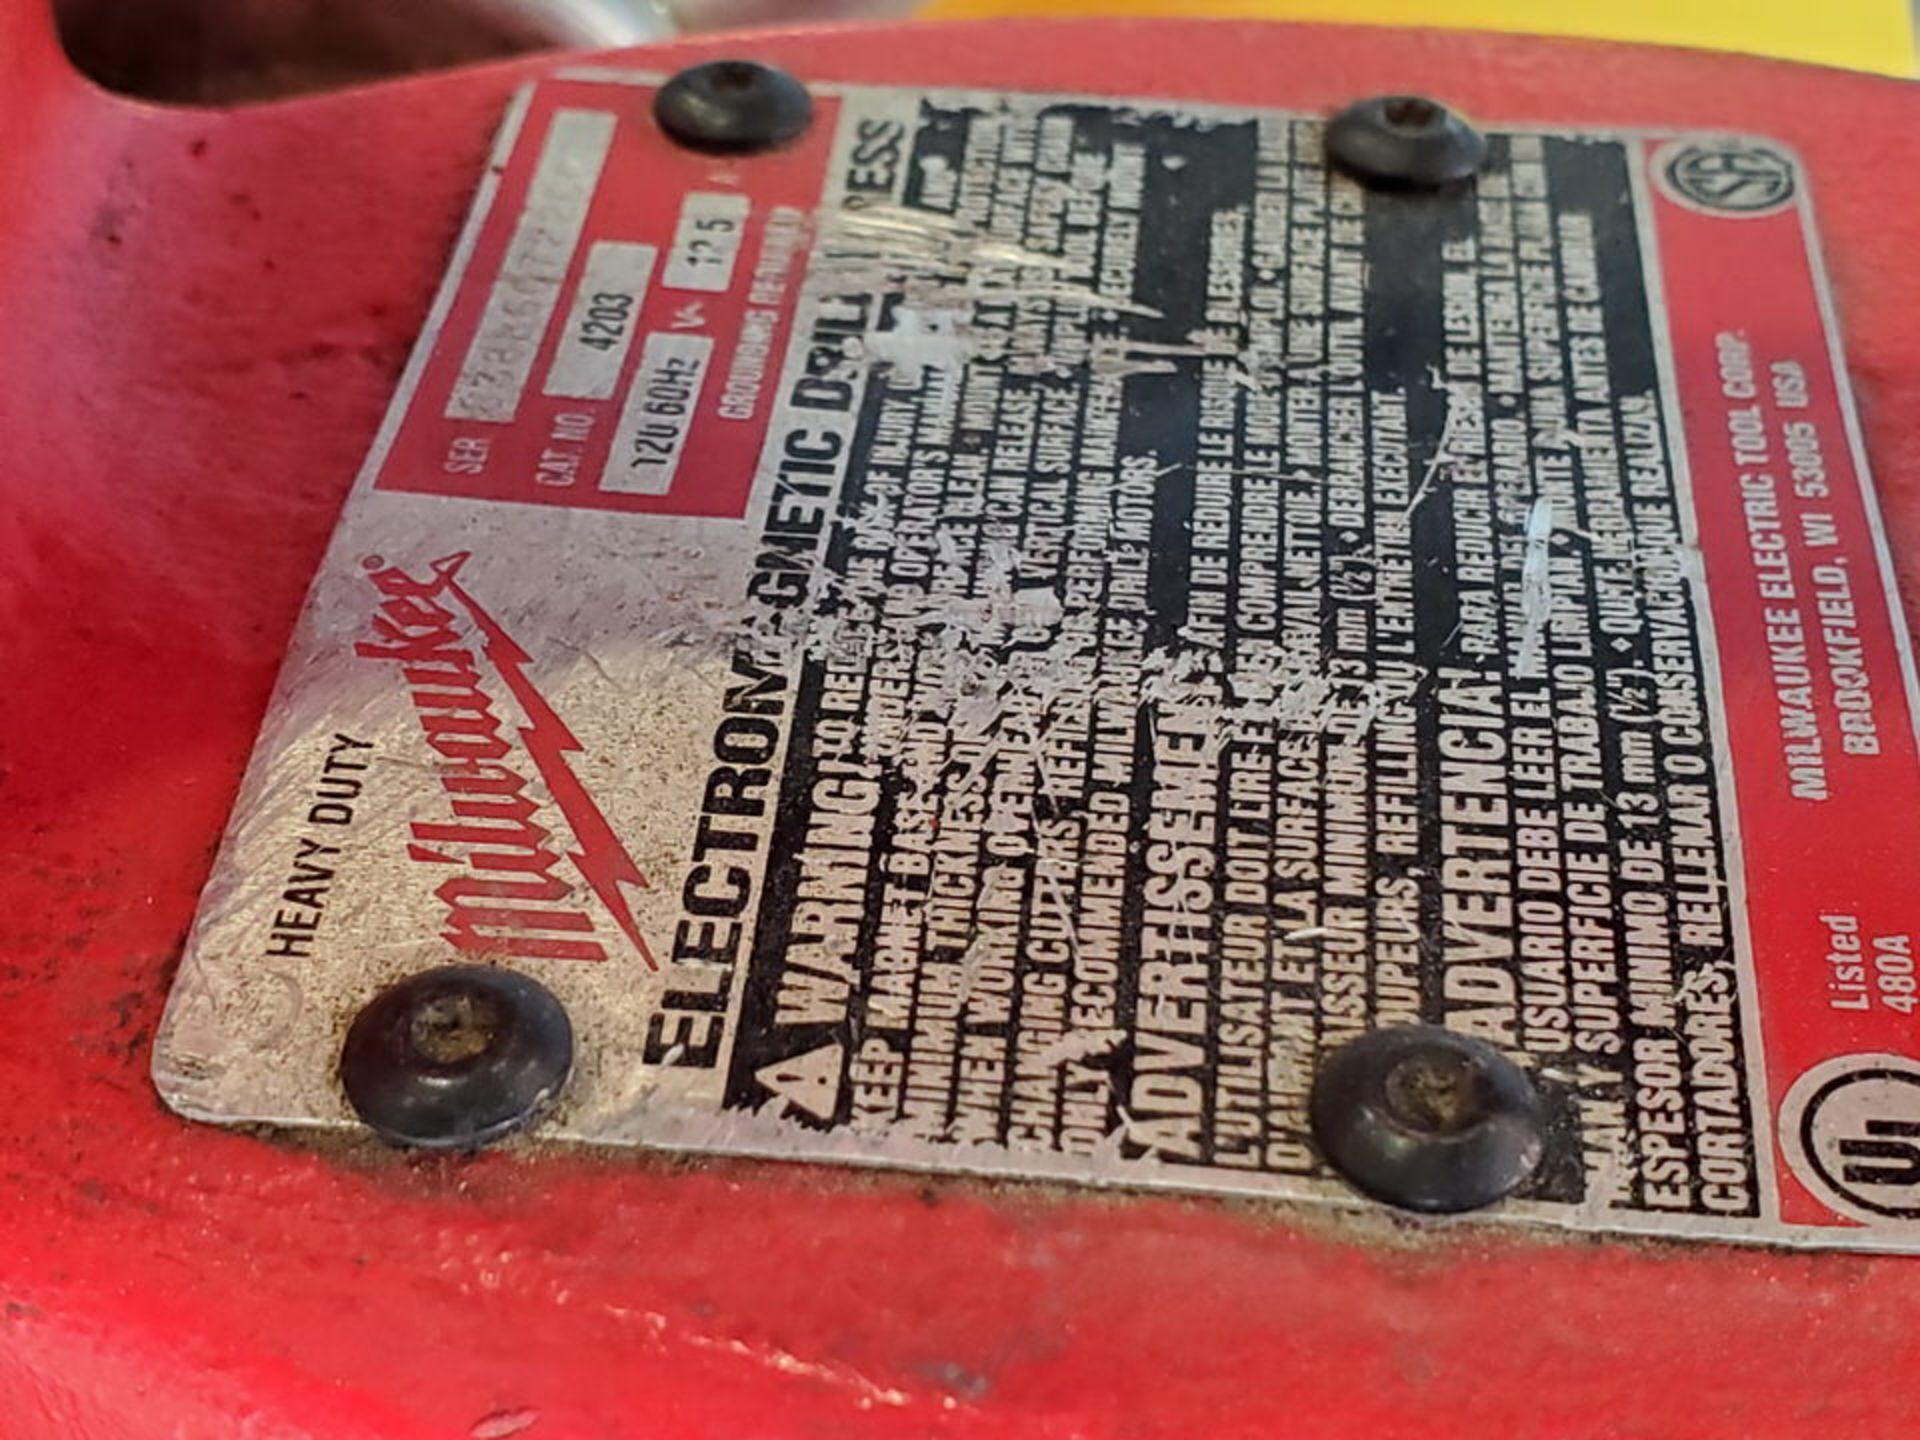 Milwaukee Mag Drill 120V, 12.5A, 60HZ, 250/500RPM - Image 5 of 5